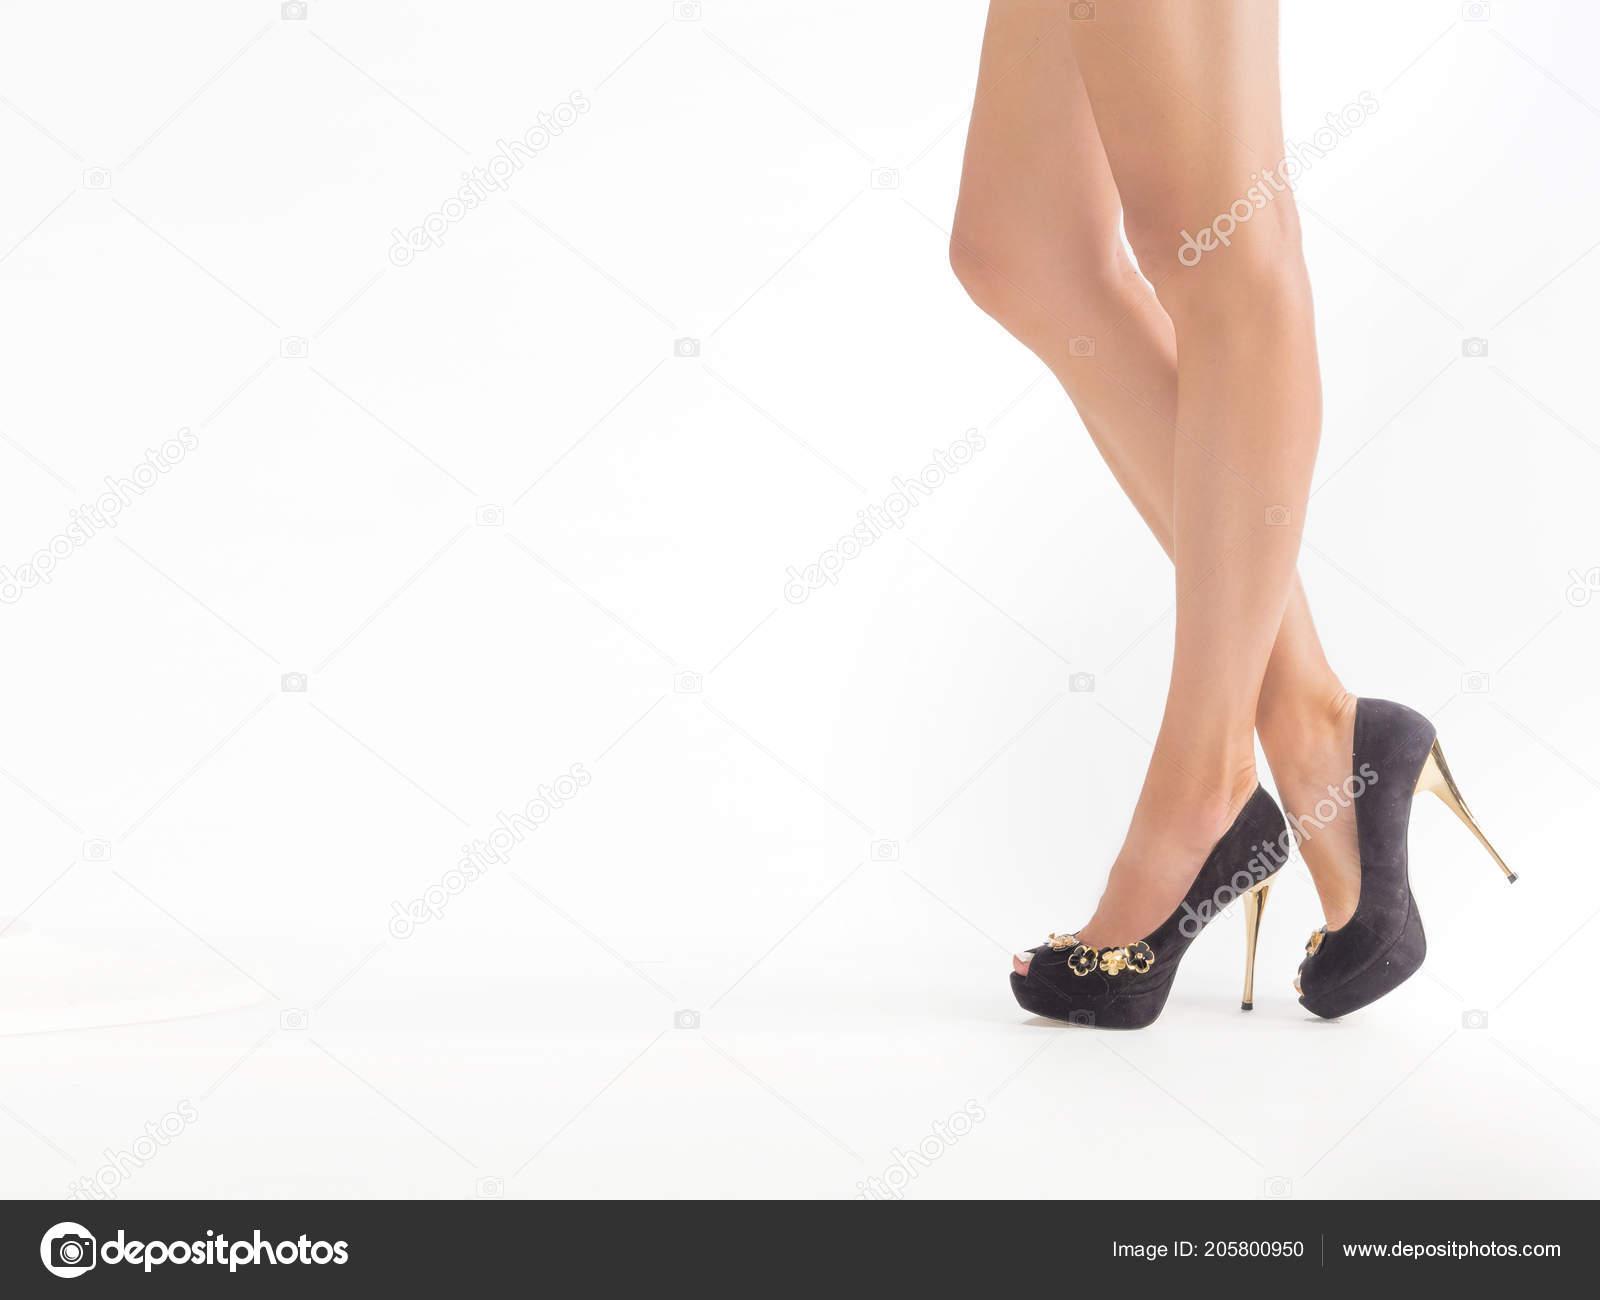 Older women nude nice hips